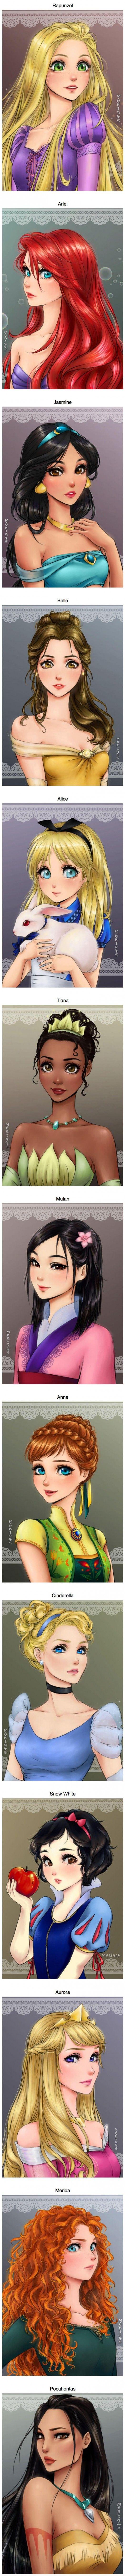 Princesas disney al estilo anime